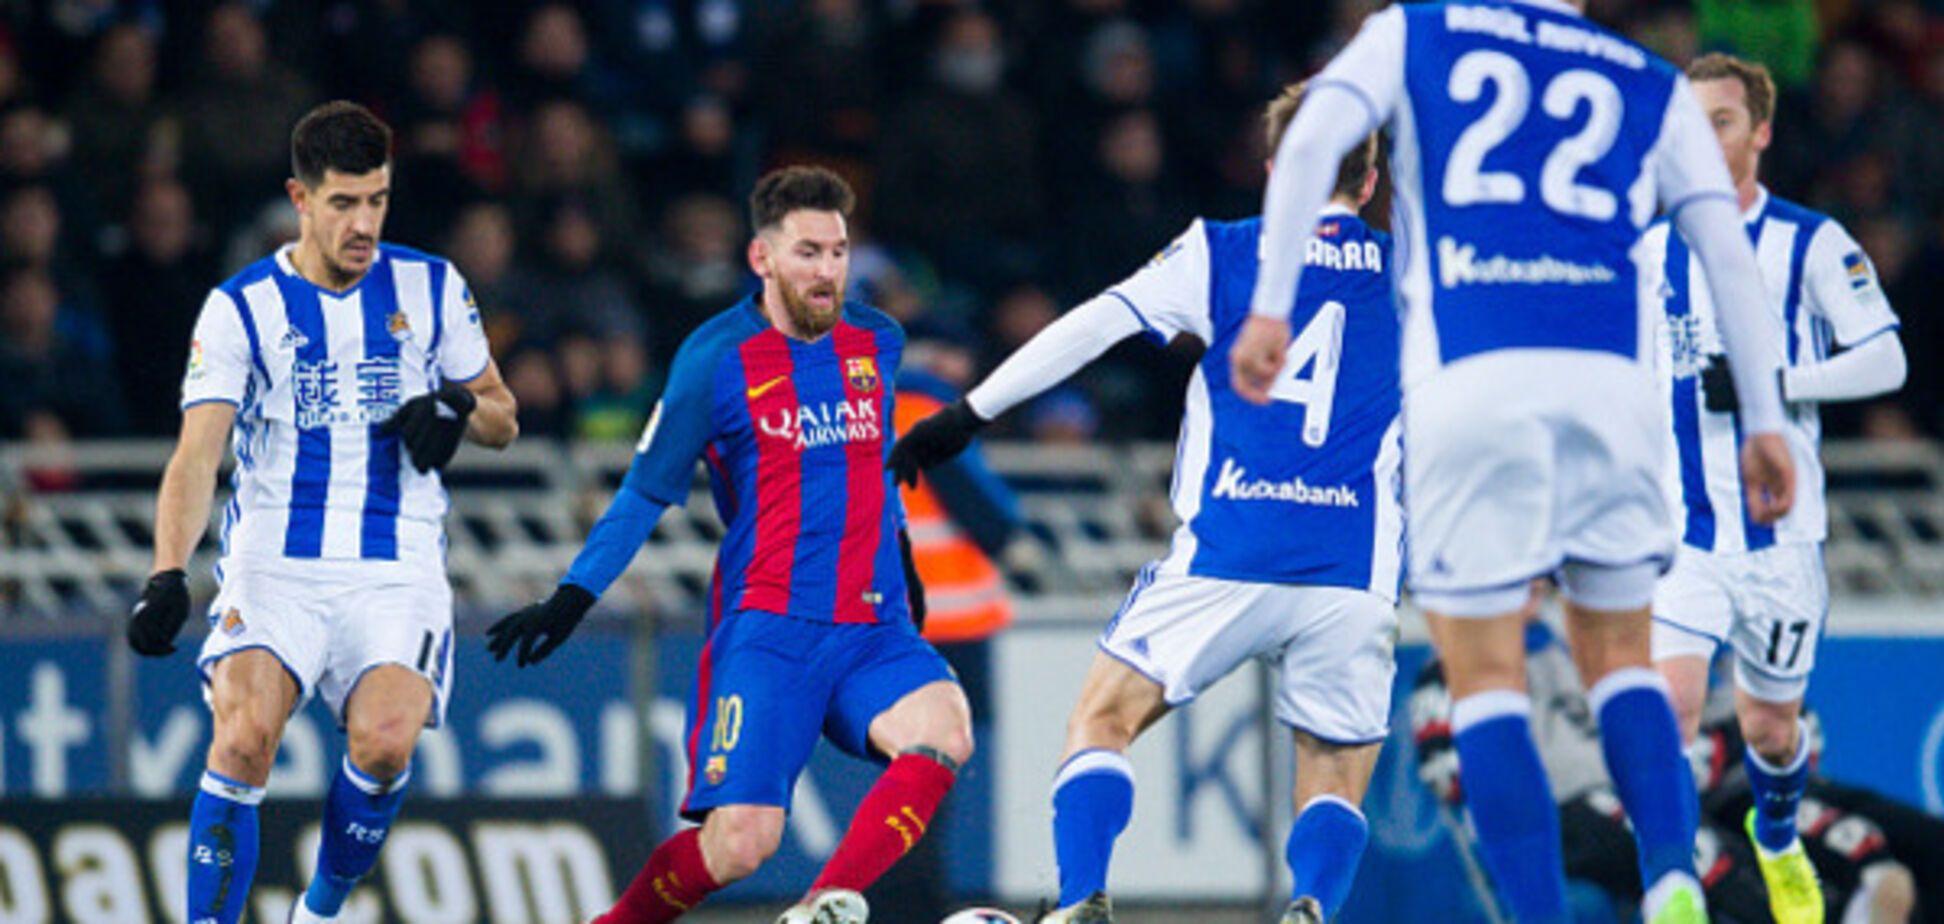 Барселона - Реал Сосьедад